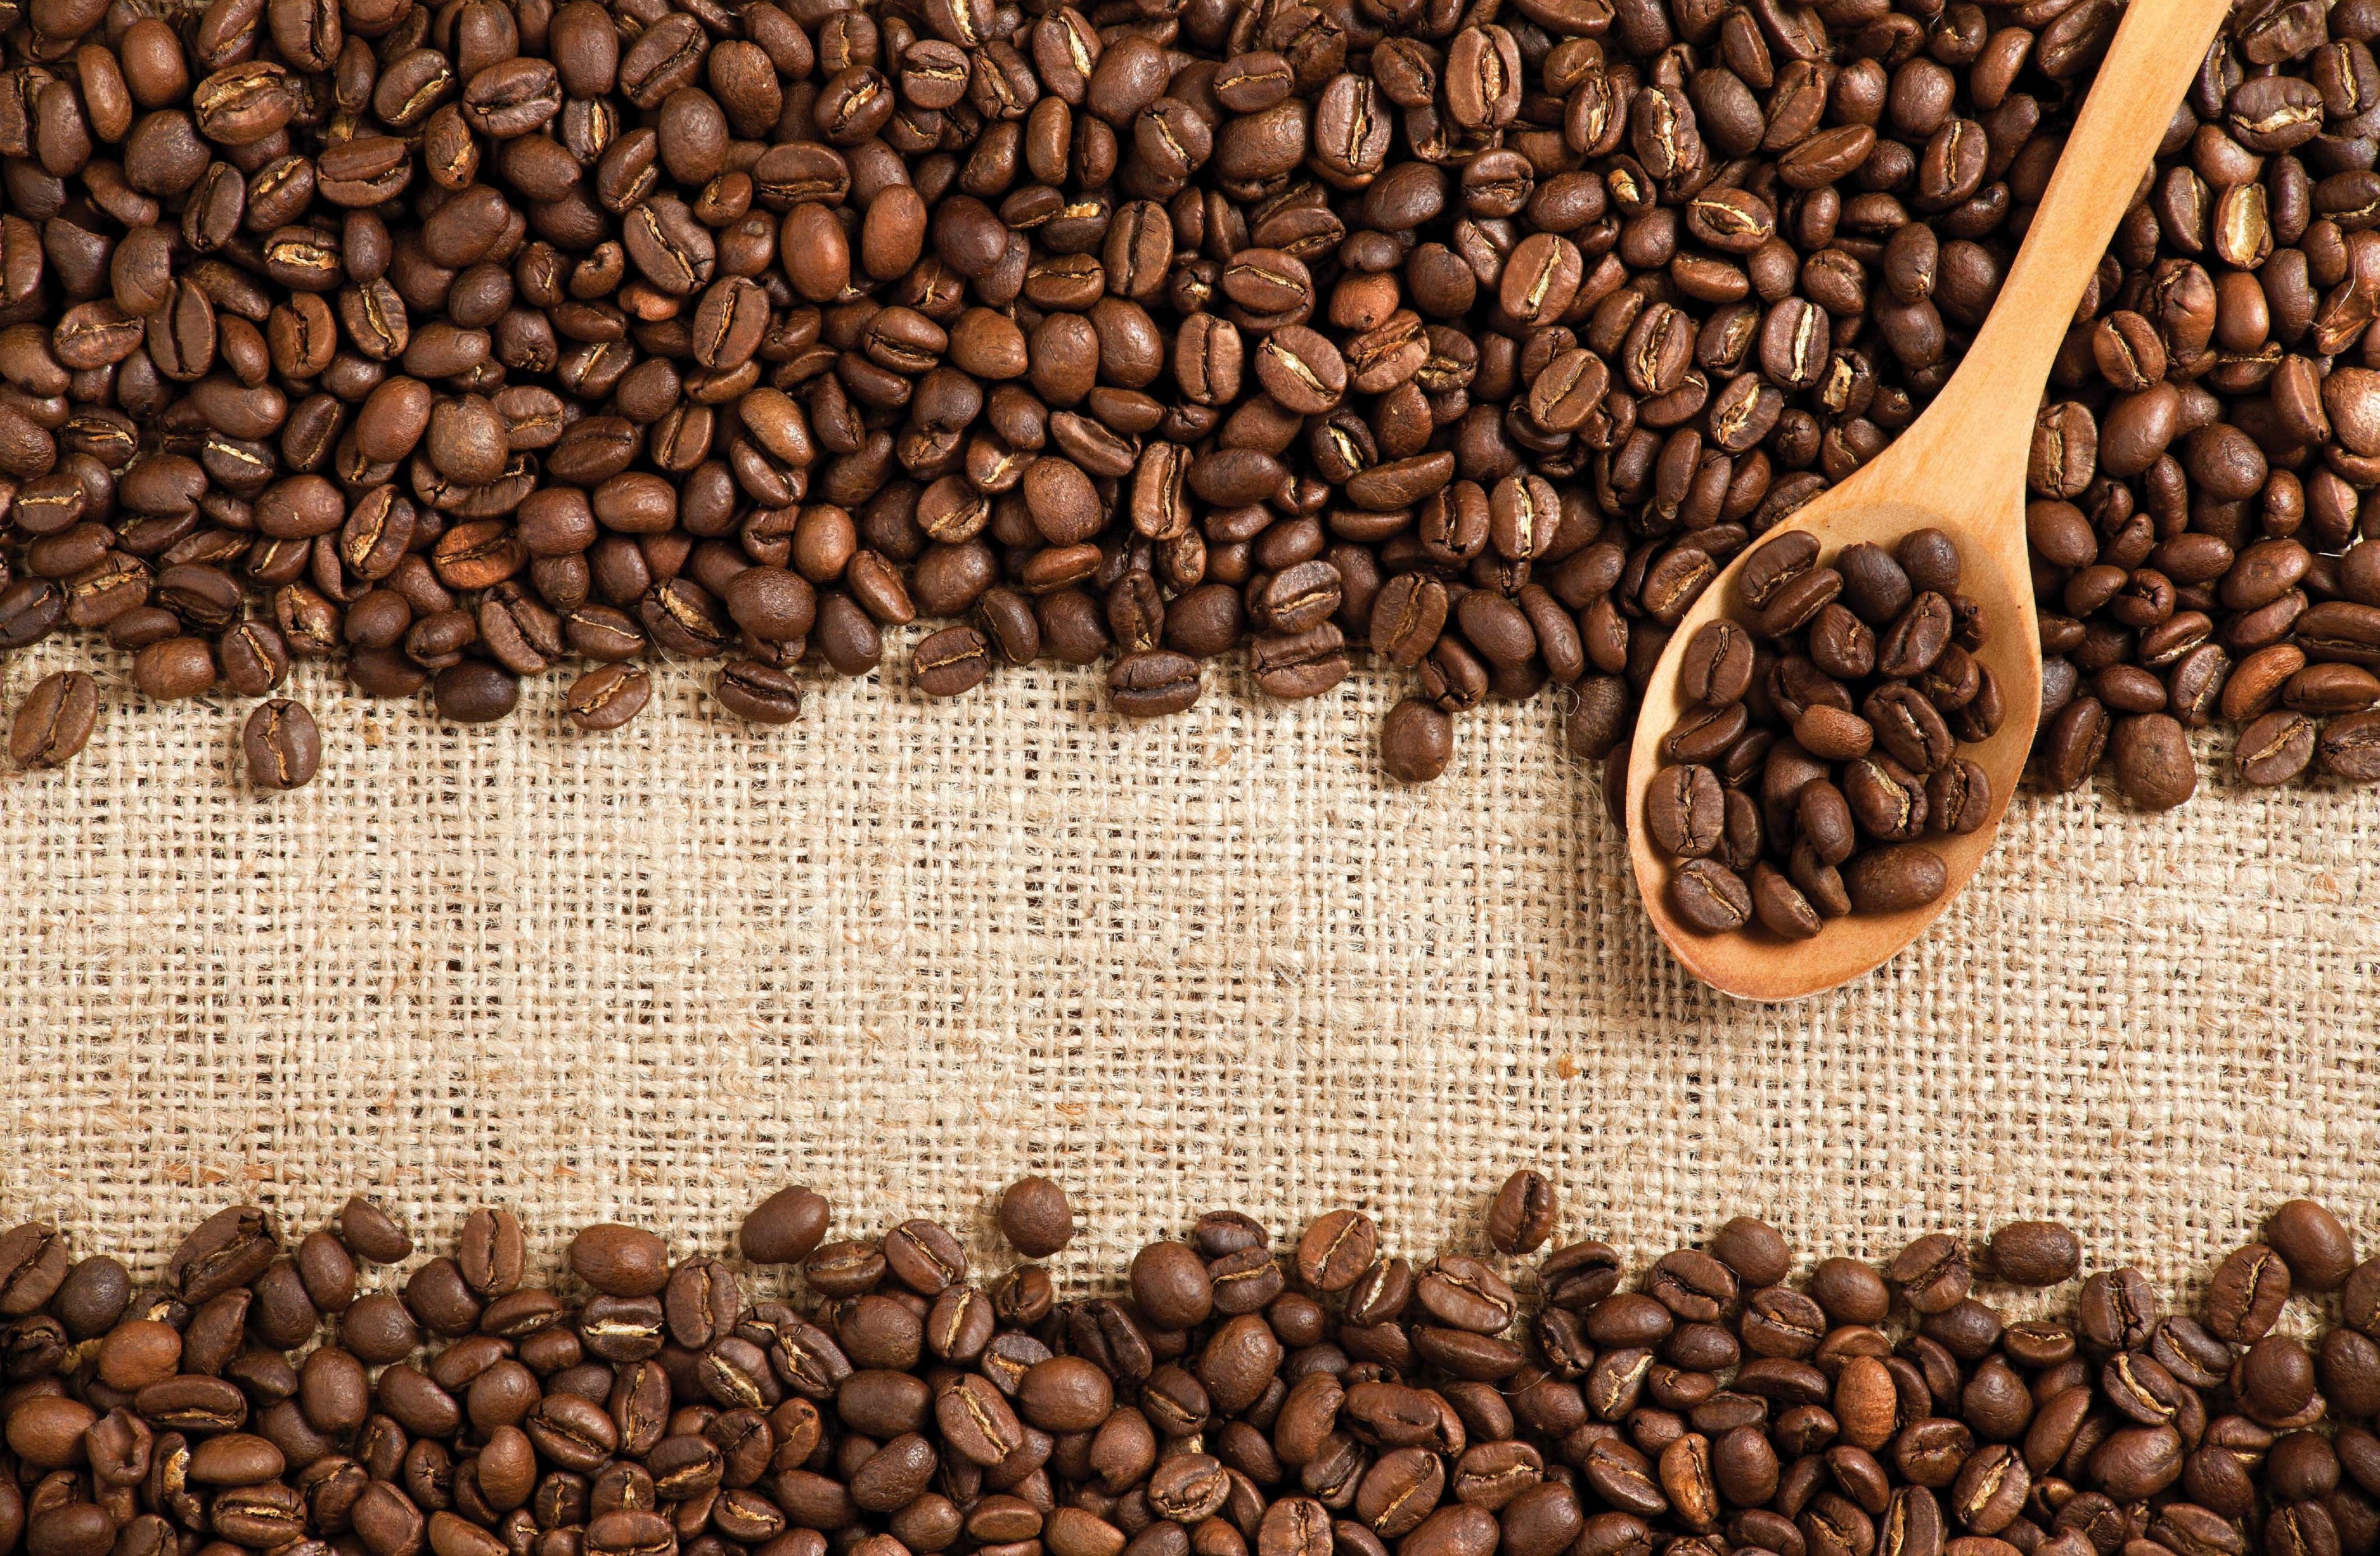 174059-coffee-4k-ultra-hd-wallpaper